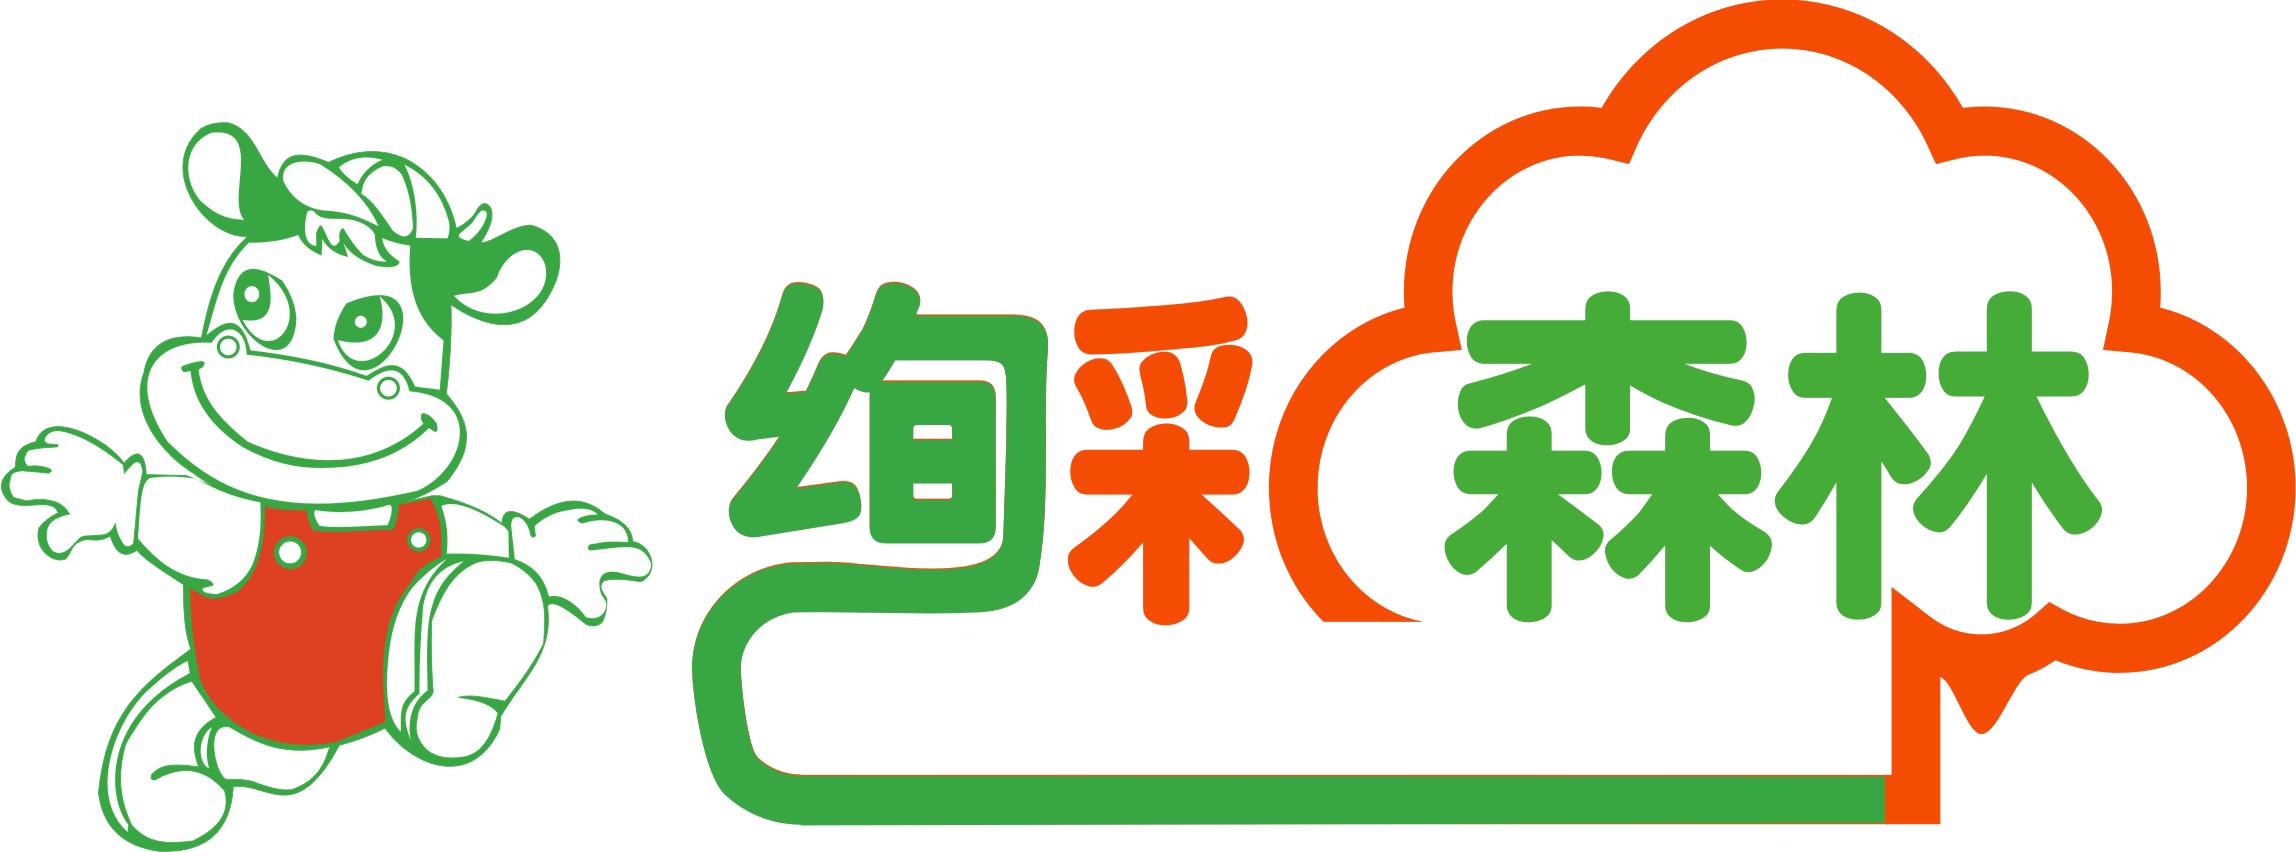 绚彩森林早教品牌logo